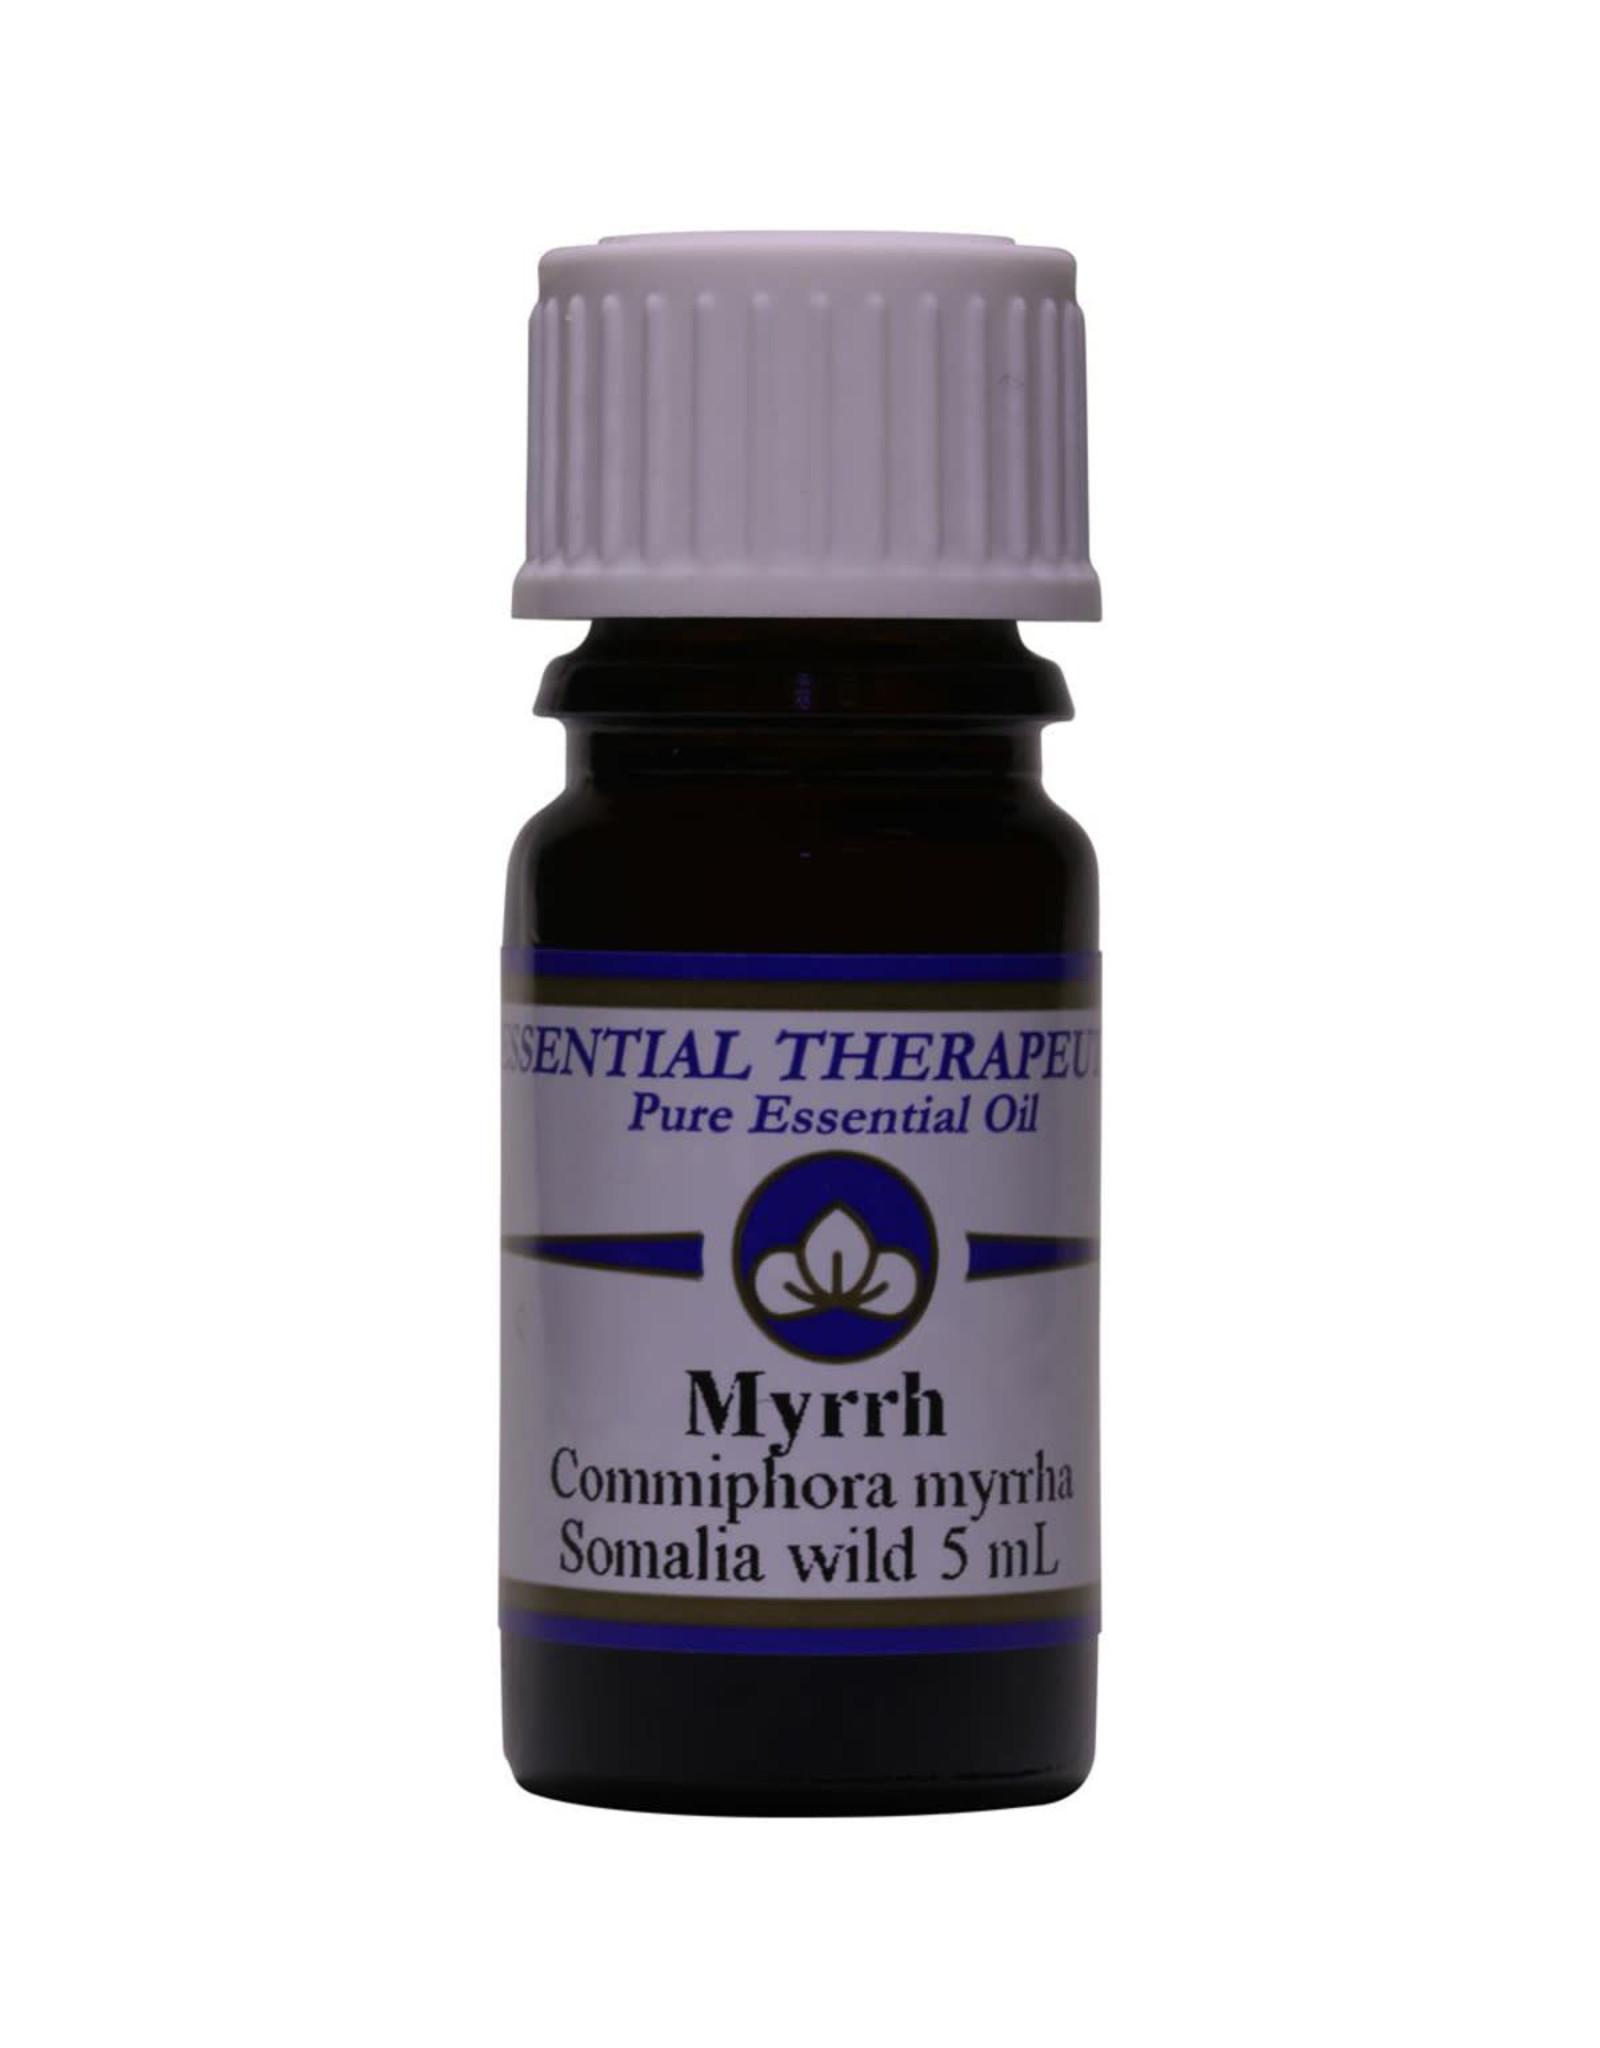 Essential Therapeutics Myrrh Essential Oil 5ml